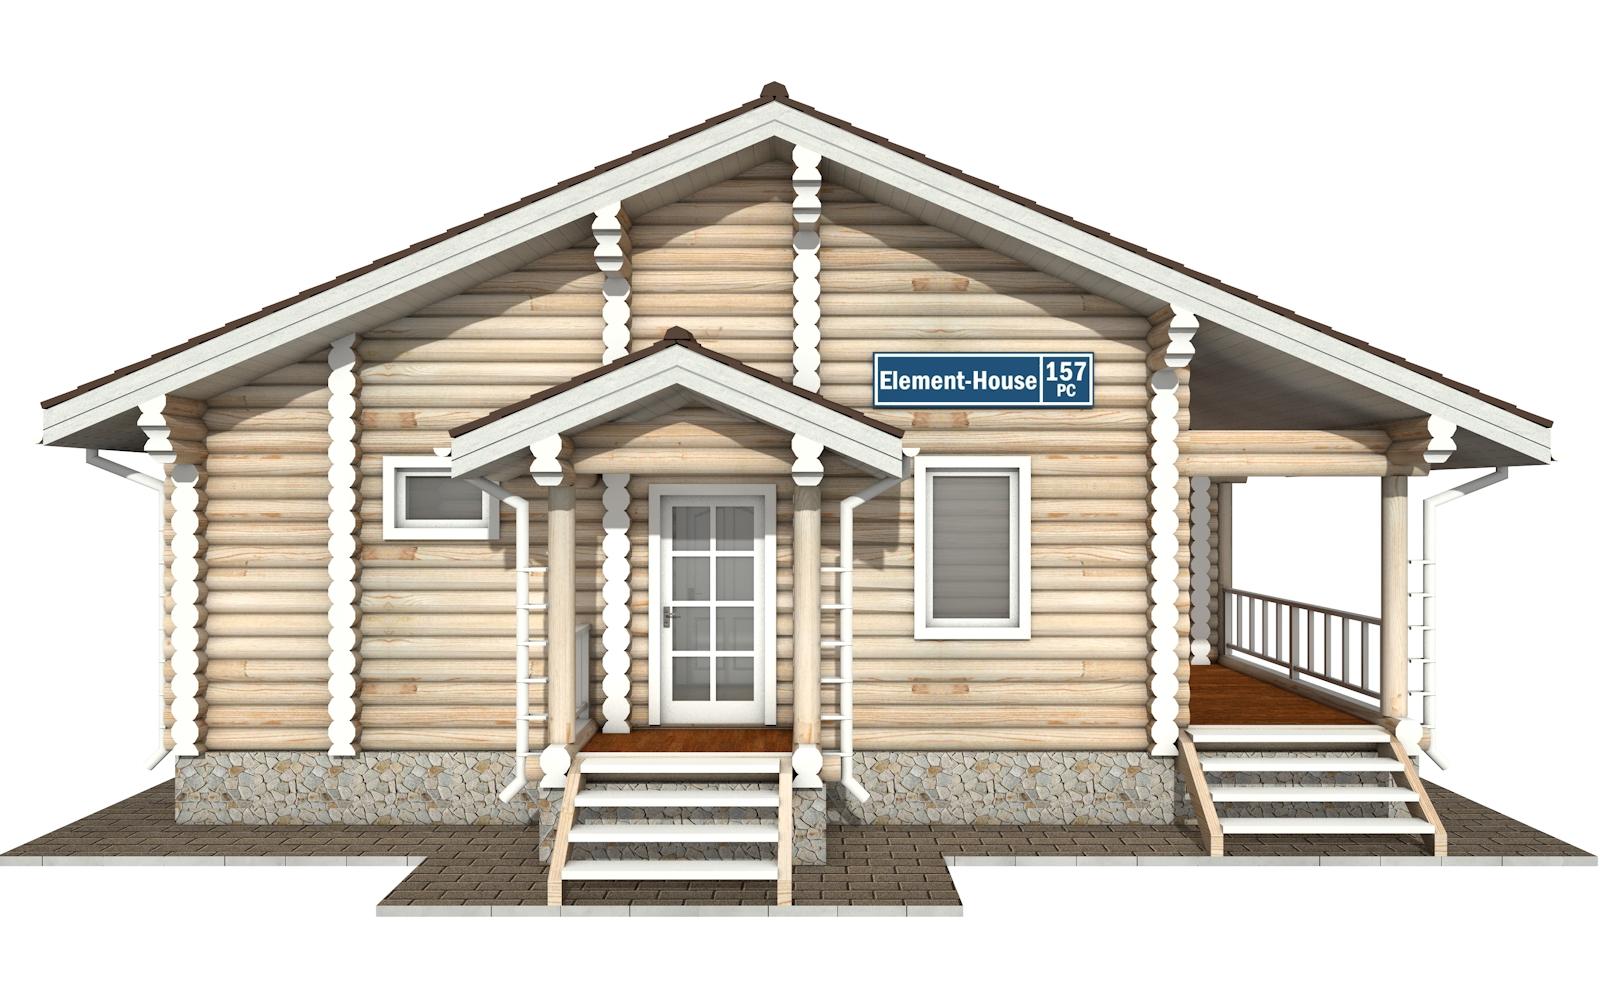 Фото #6: Красивый деревянный дом РС-157 из бревна